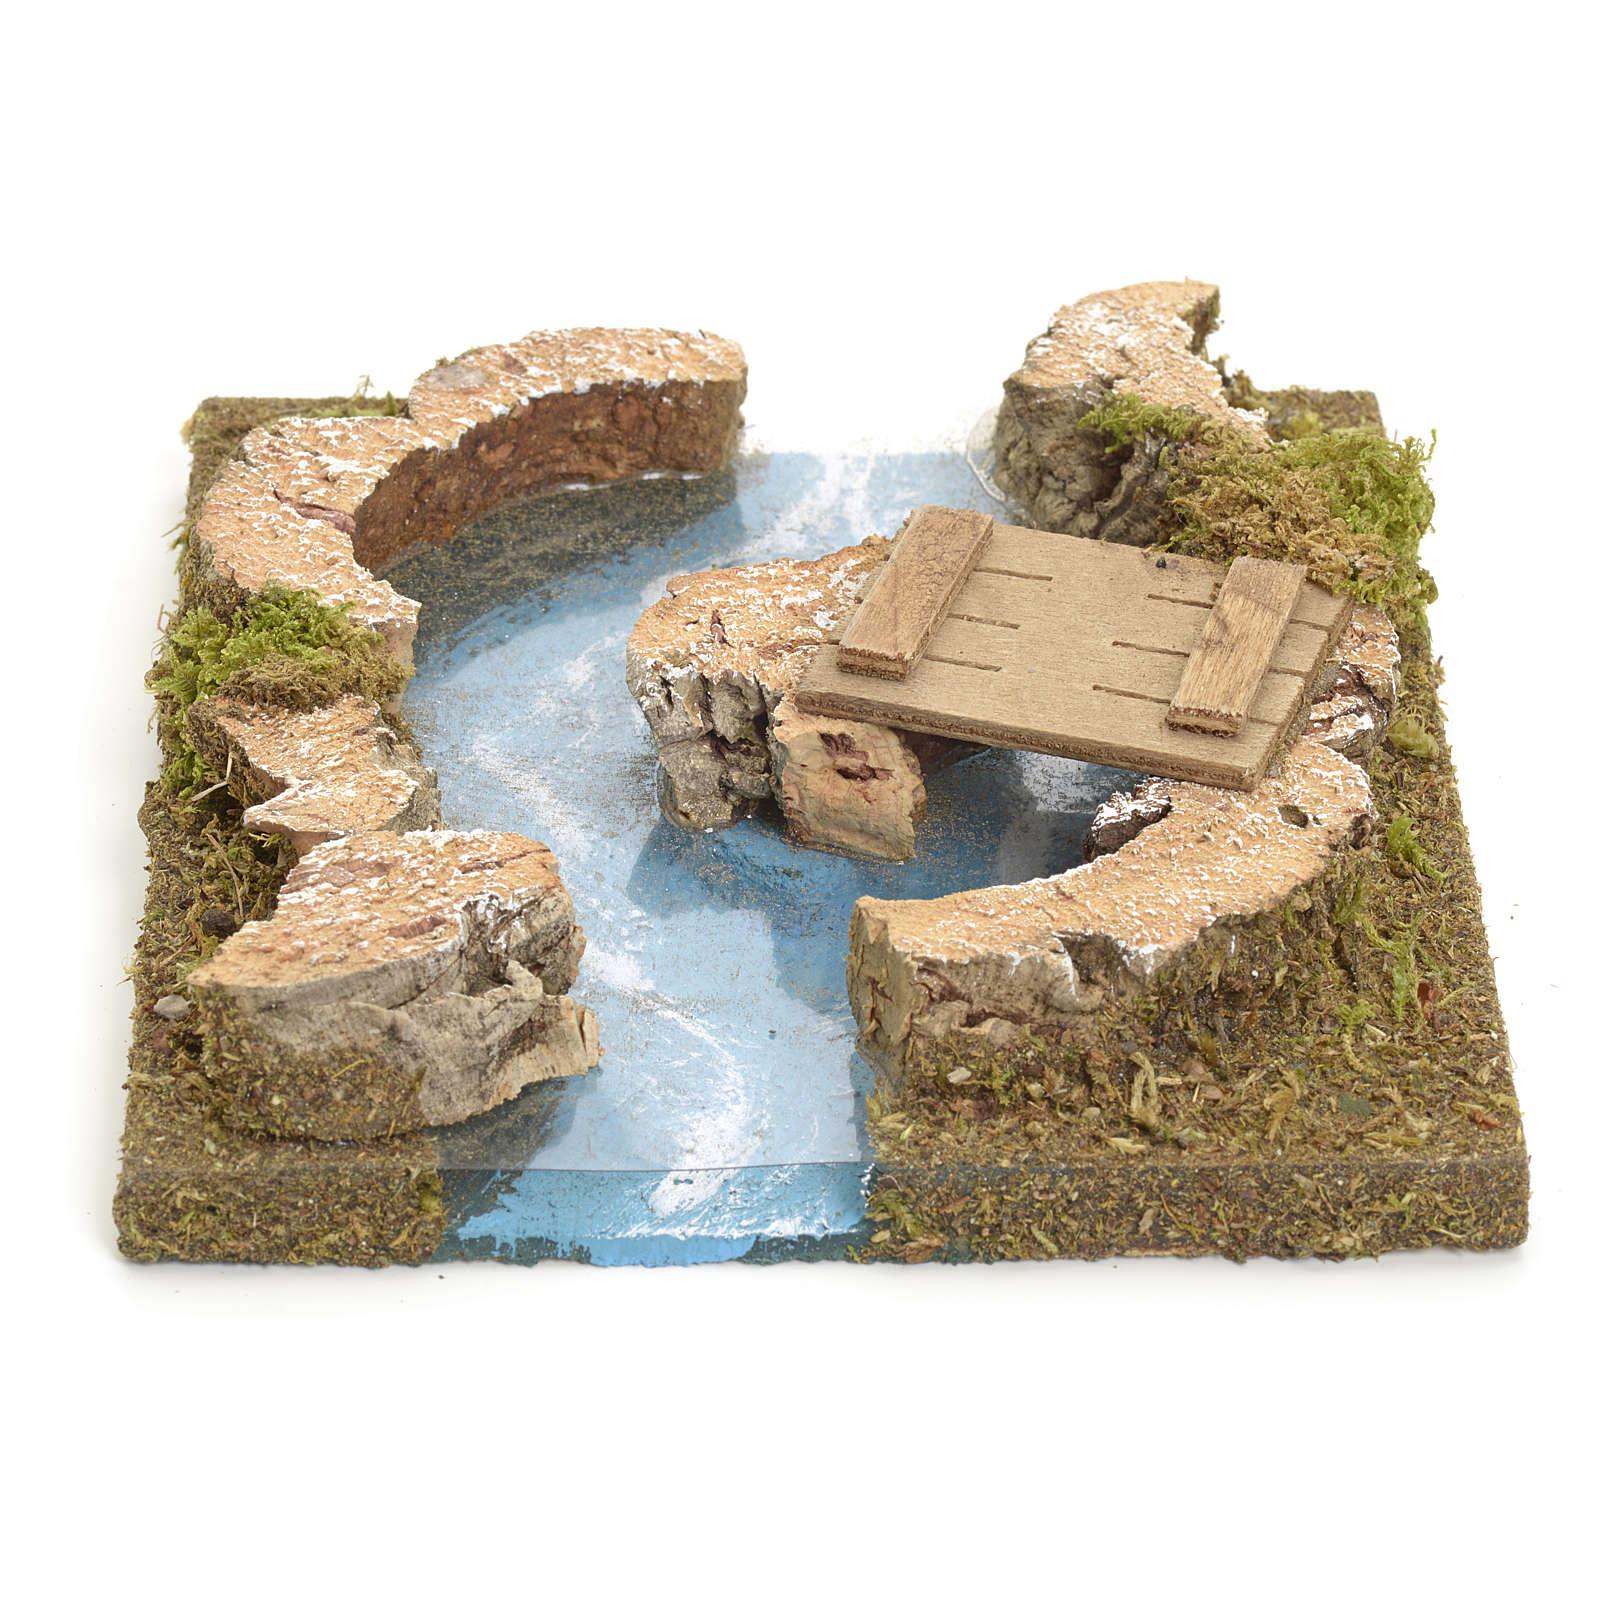 Rzeka do złożenia korek: wysepka i mostek 4